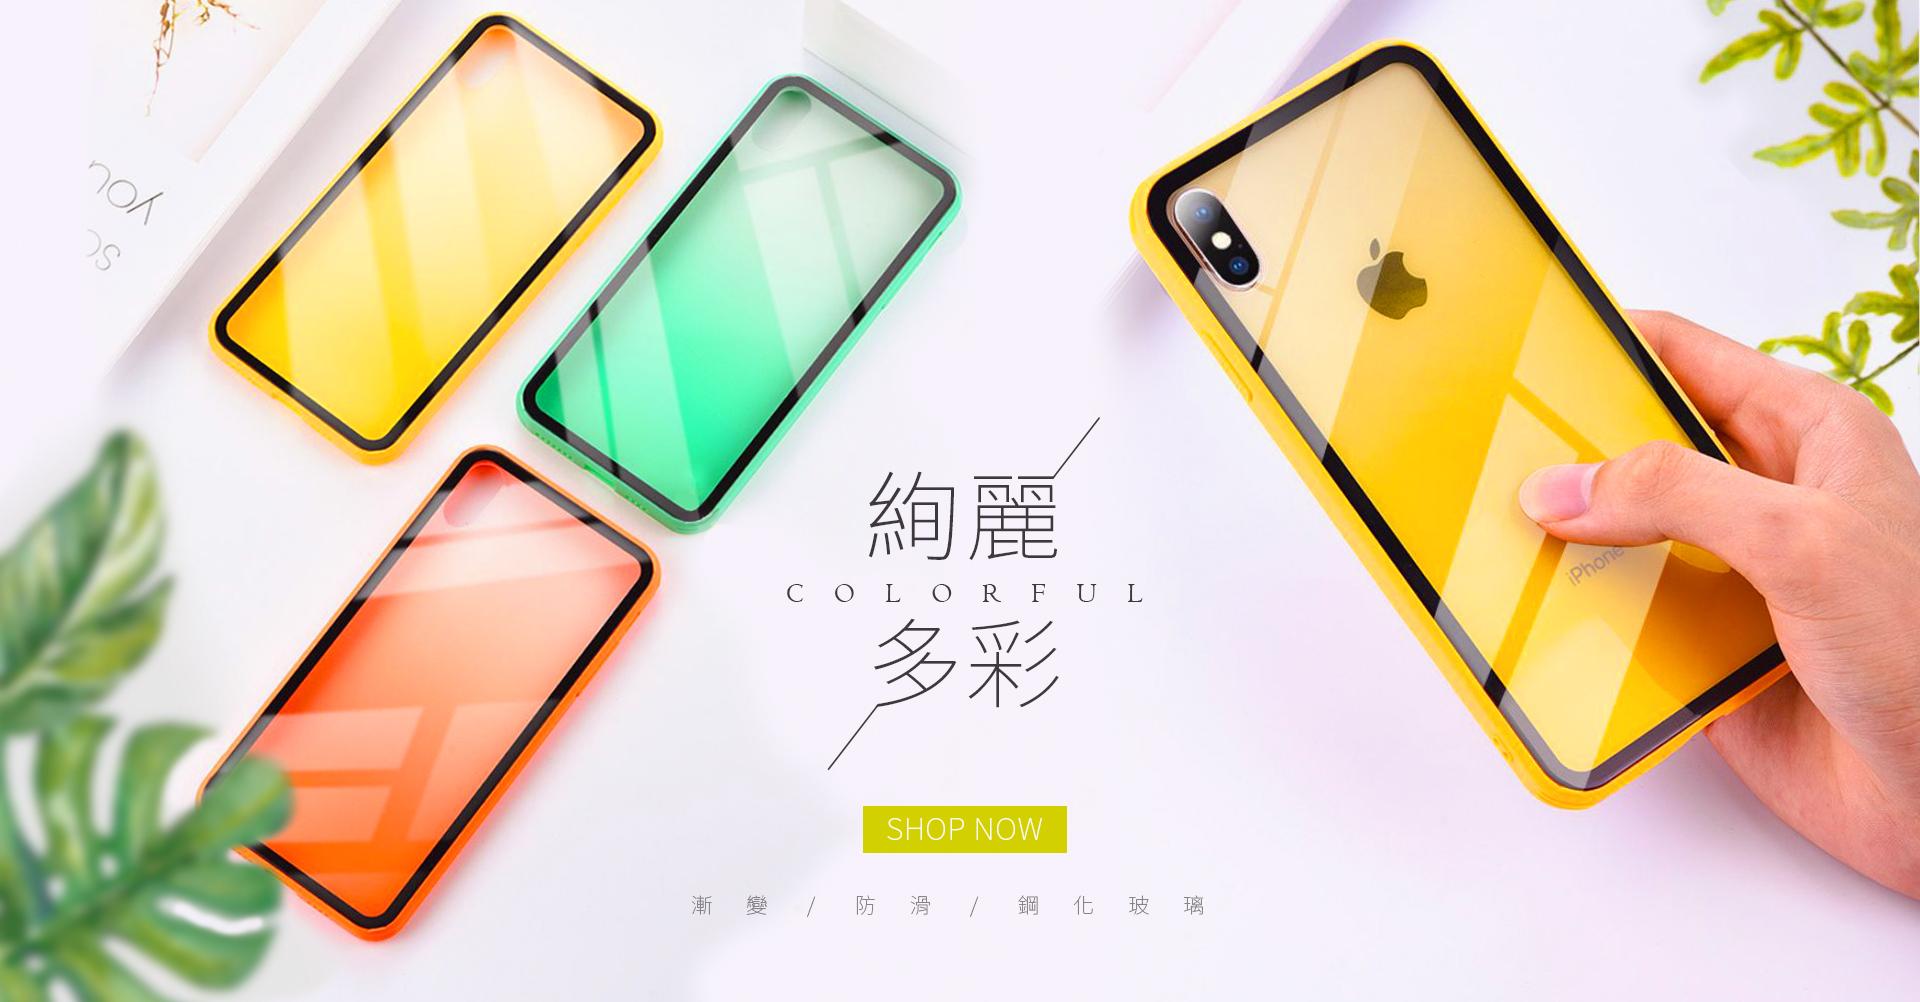 絢麗多彩漸變防滑紋理鋼化玻璃手機殼